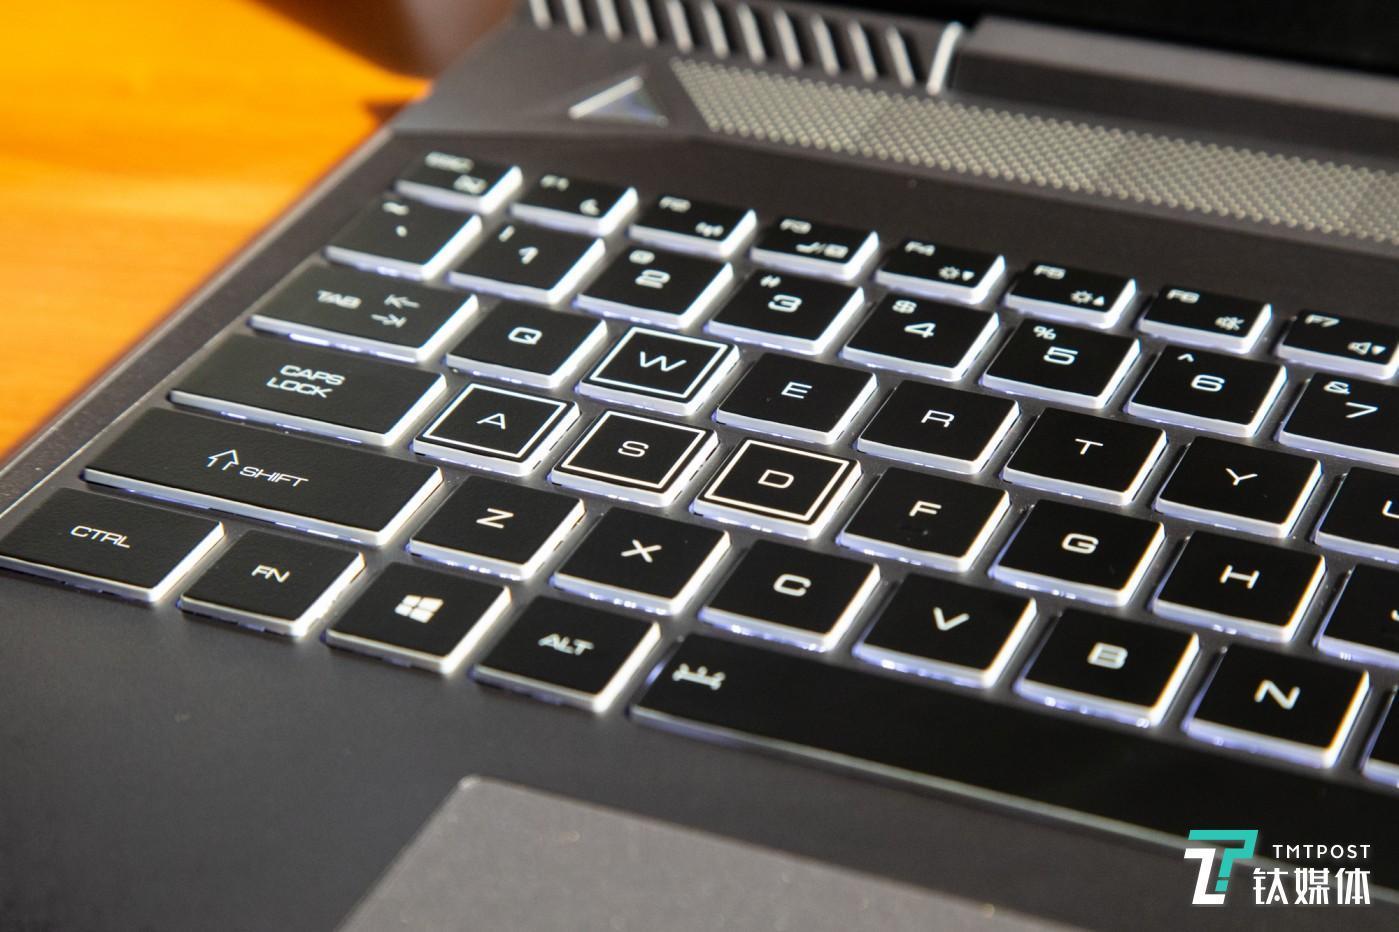 全尺寸背光键盘